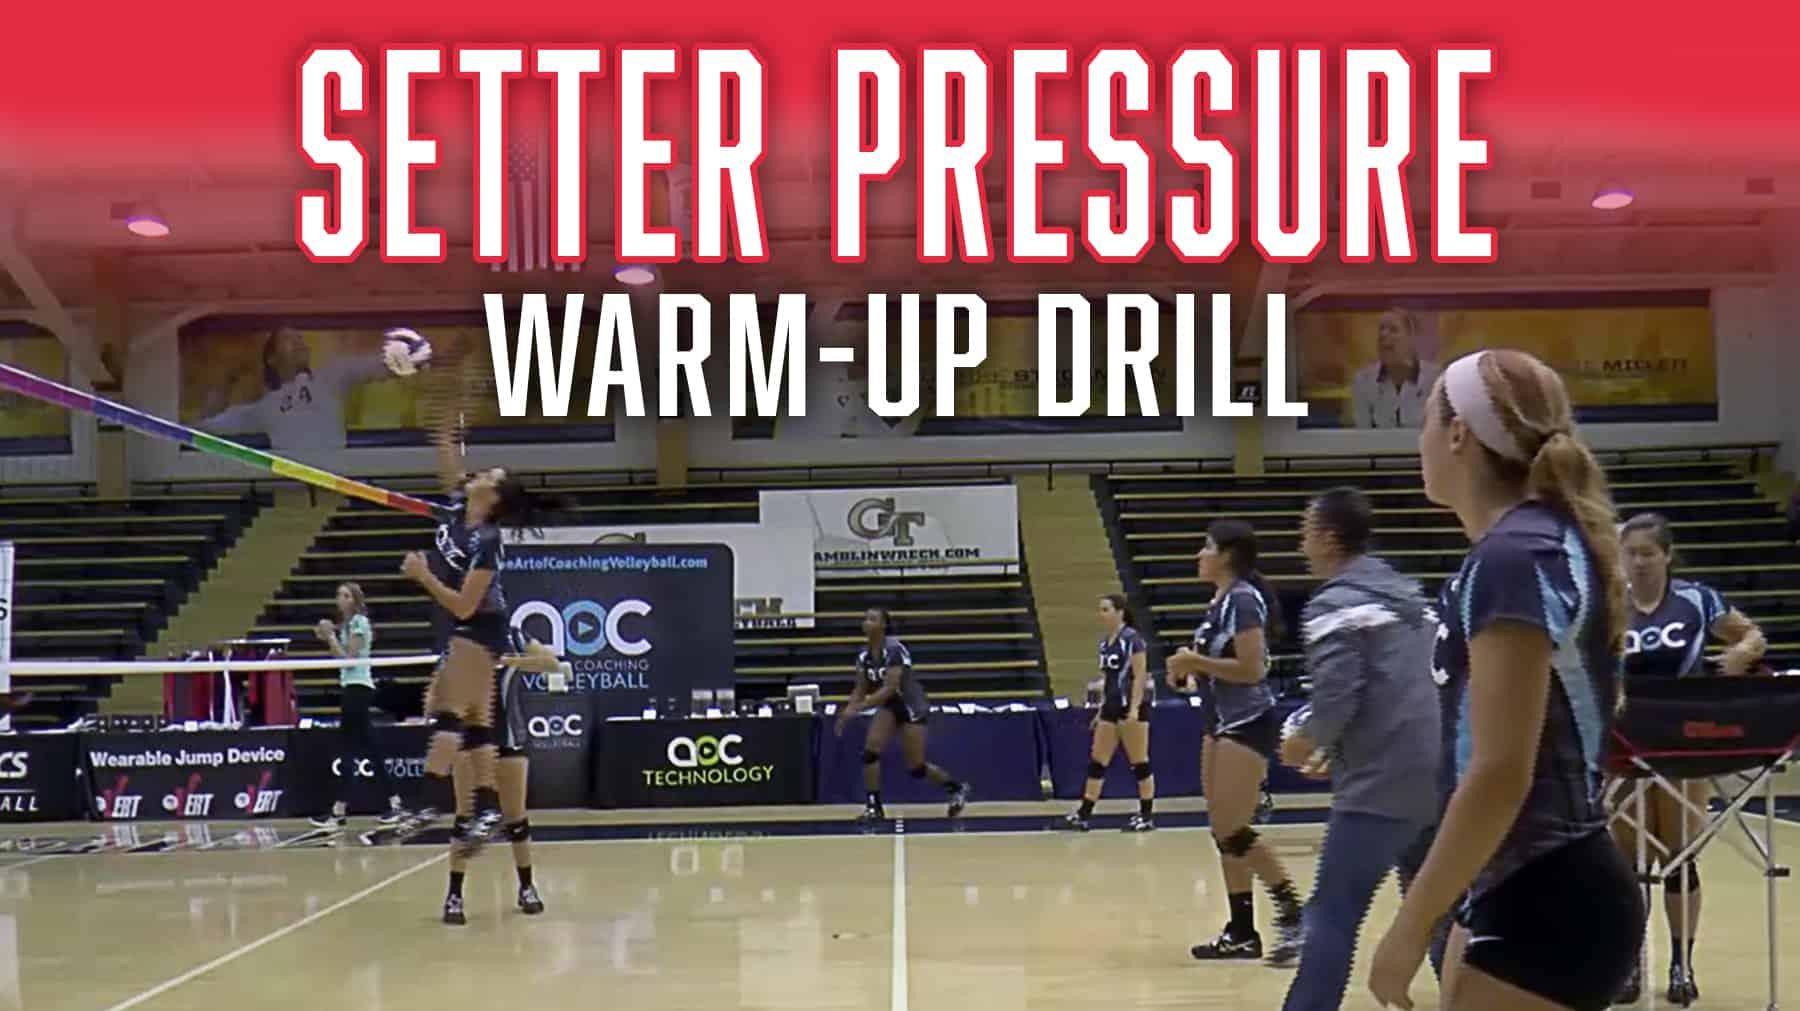 Setter Pressure Warmup Drill